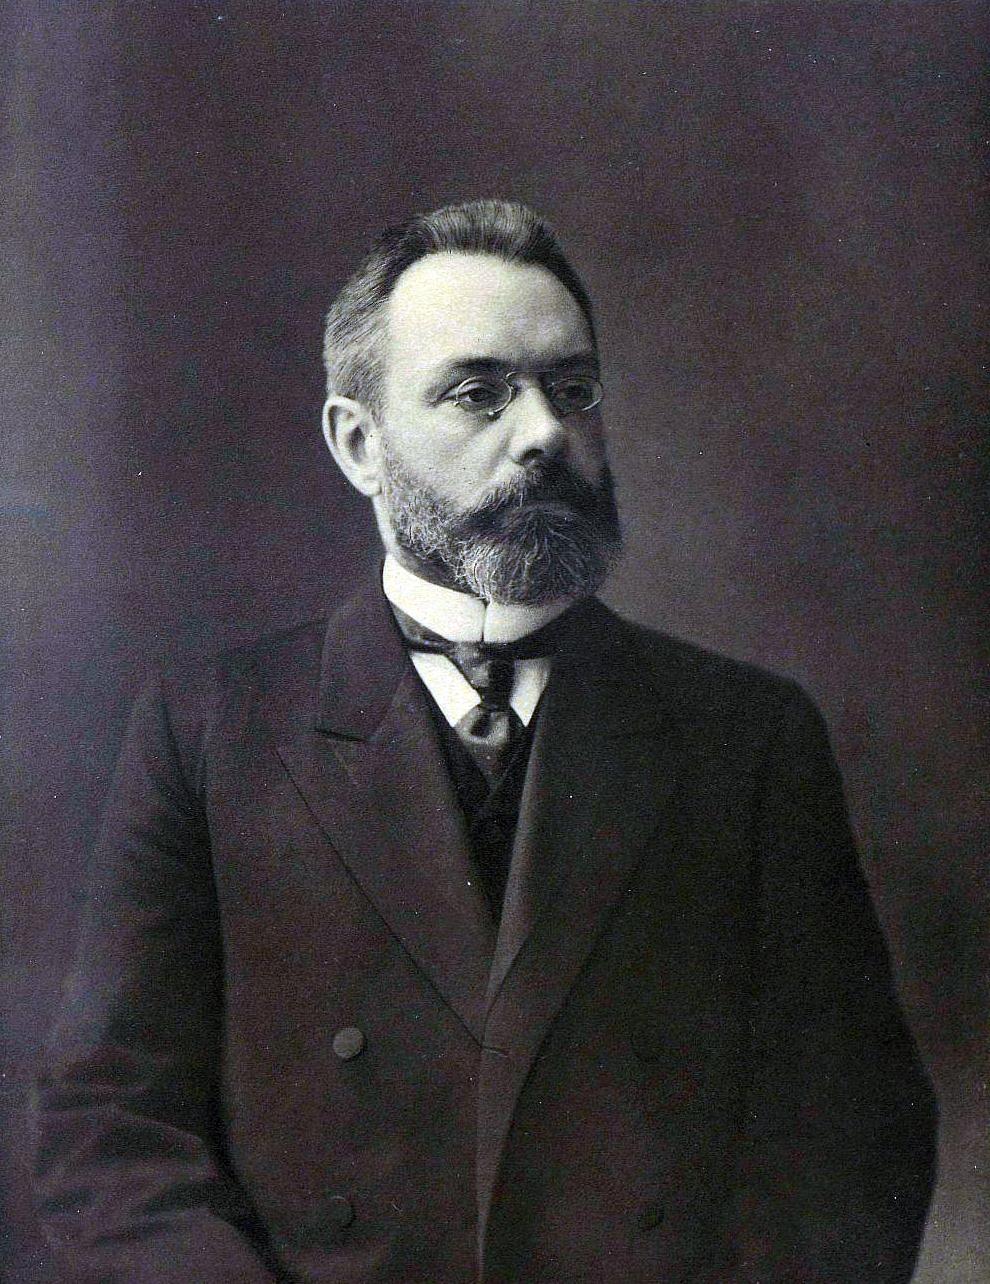 Depiction of Aleksandr Guchkov